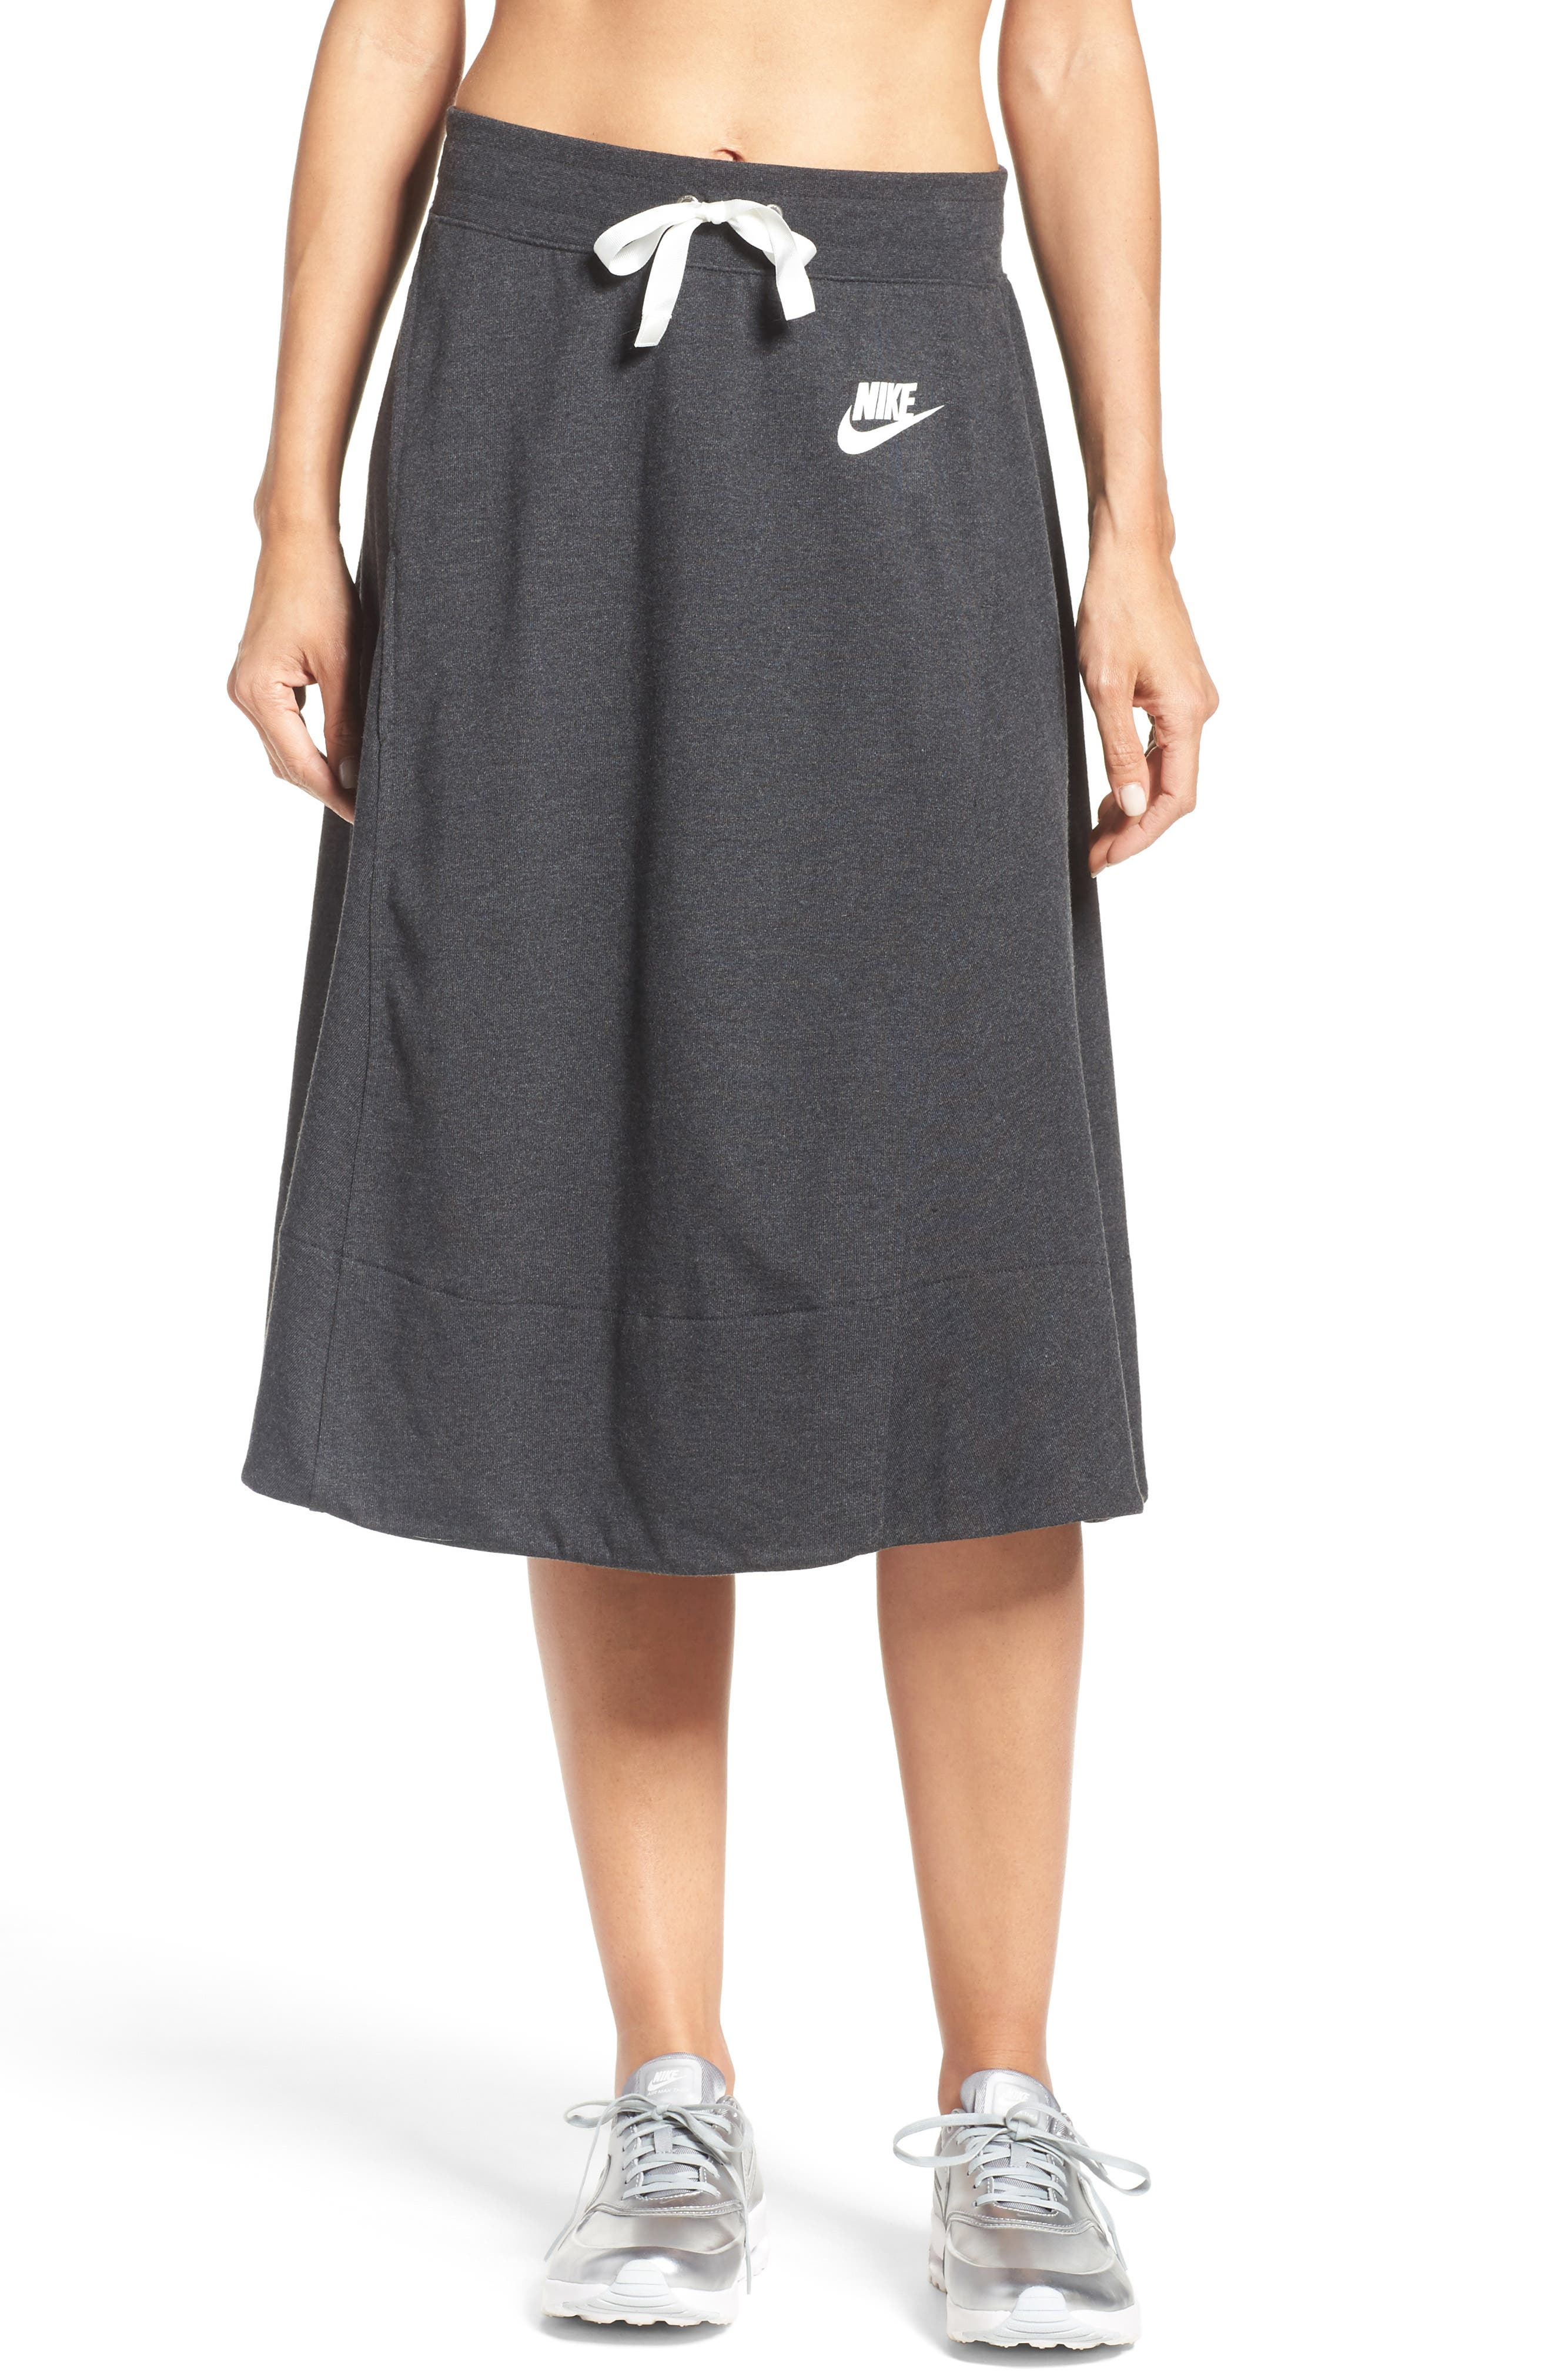 Nike Sportswear Gym Classic Skirt